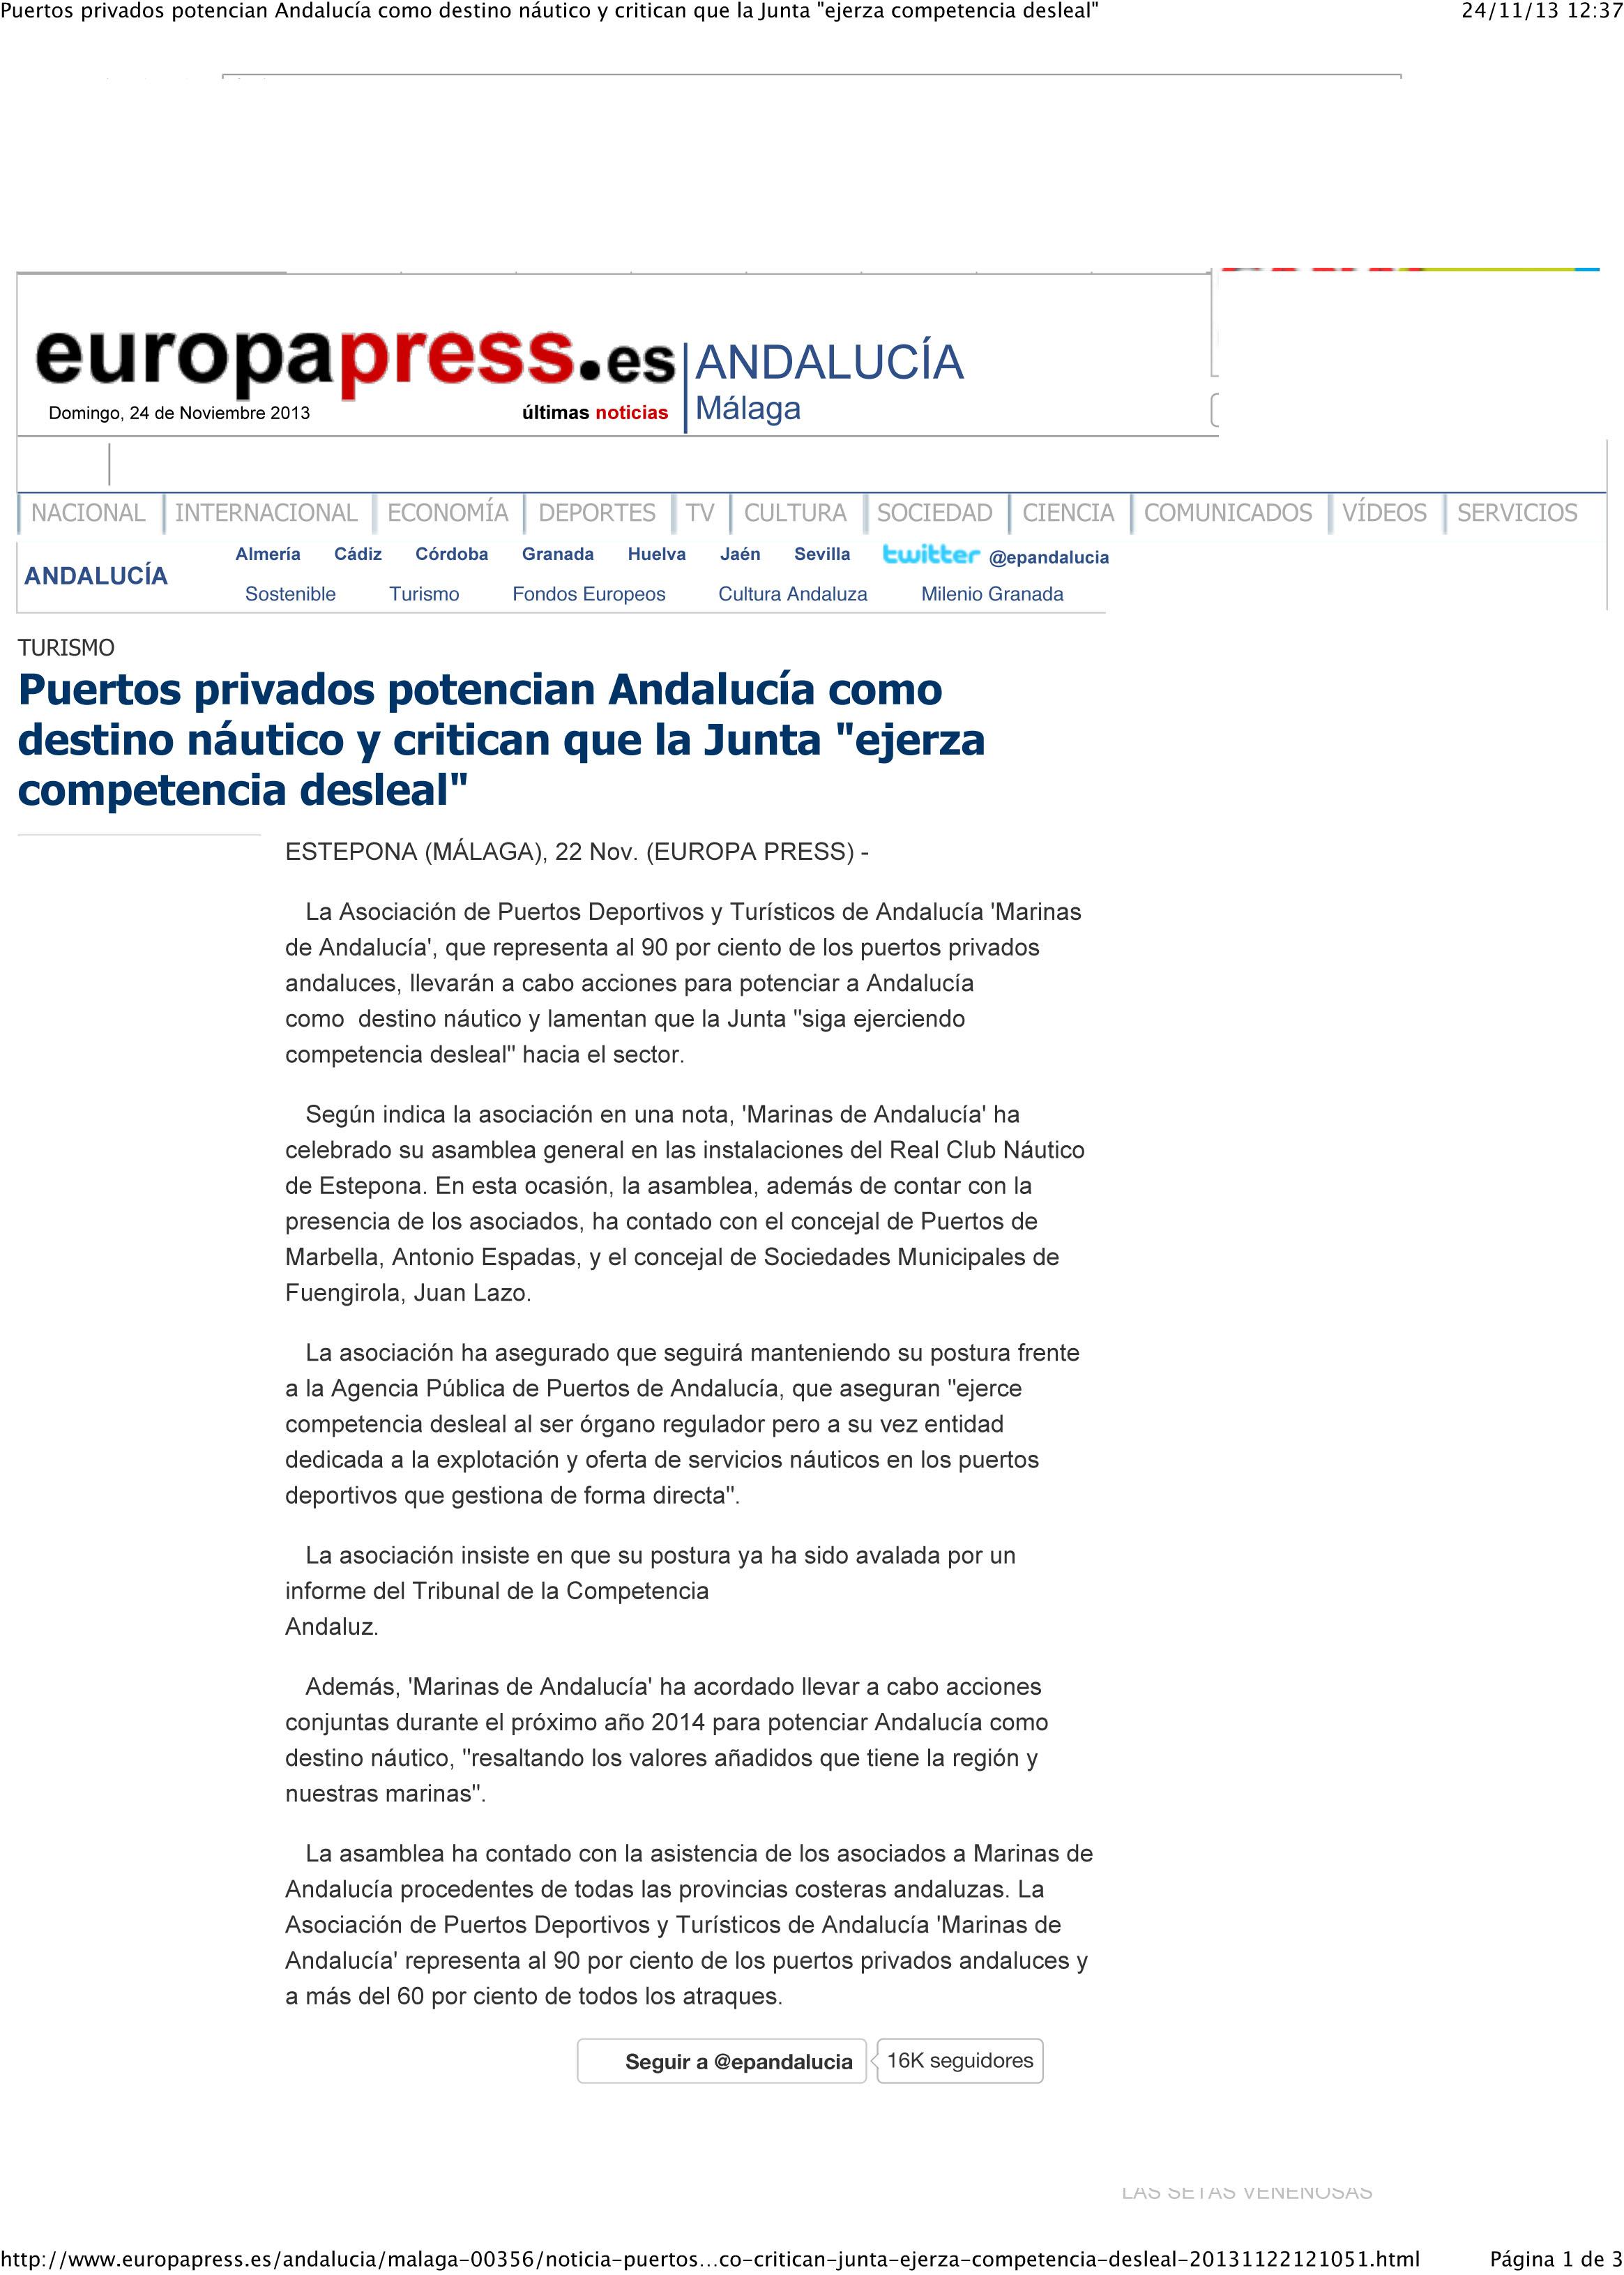 Periódicos, webs y agencias publican la noticia sobre la celebración de la Asamblea General de Marinas de Andalucía